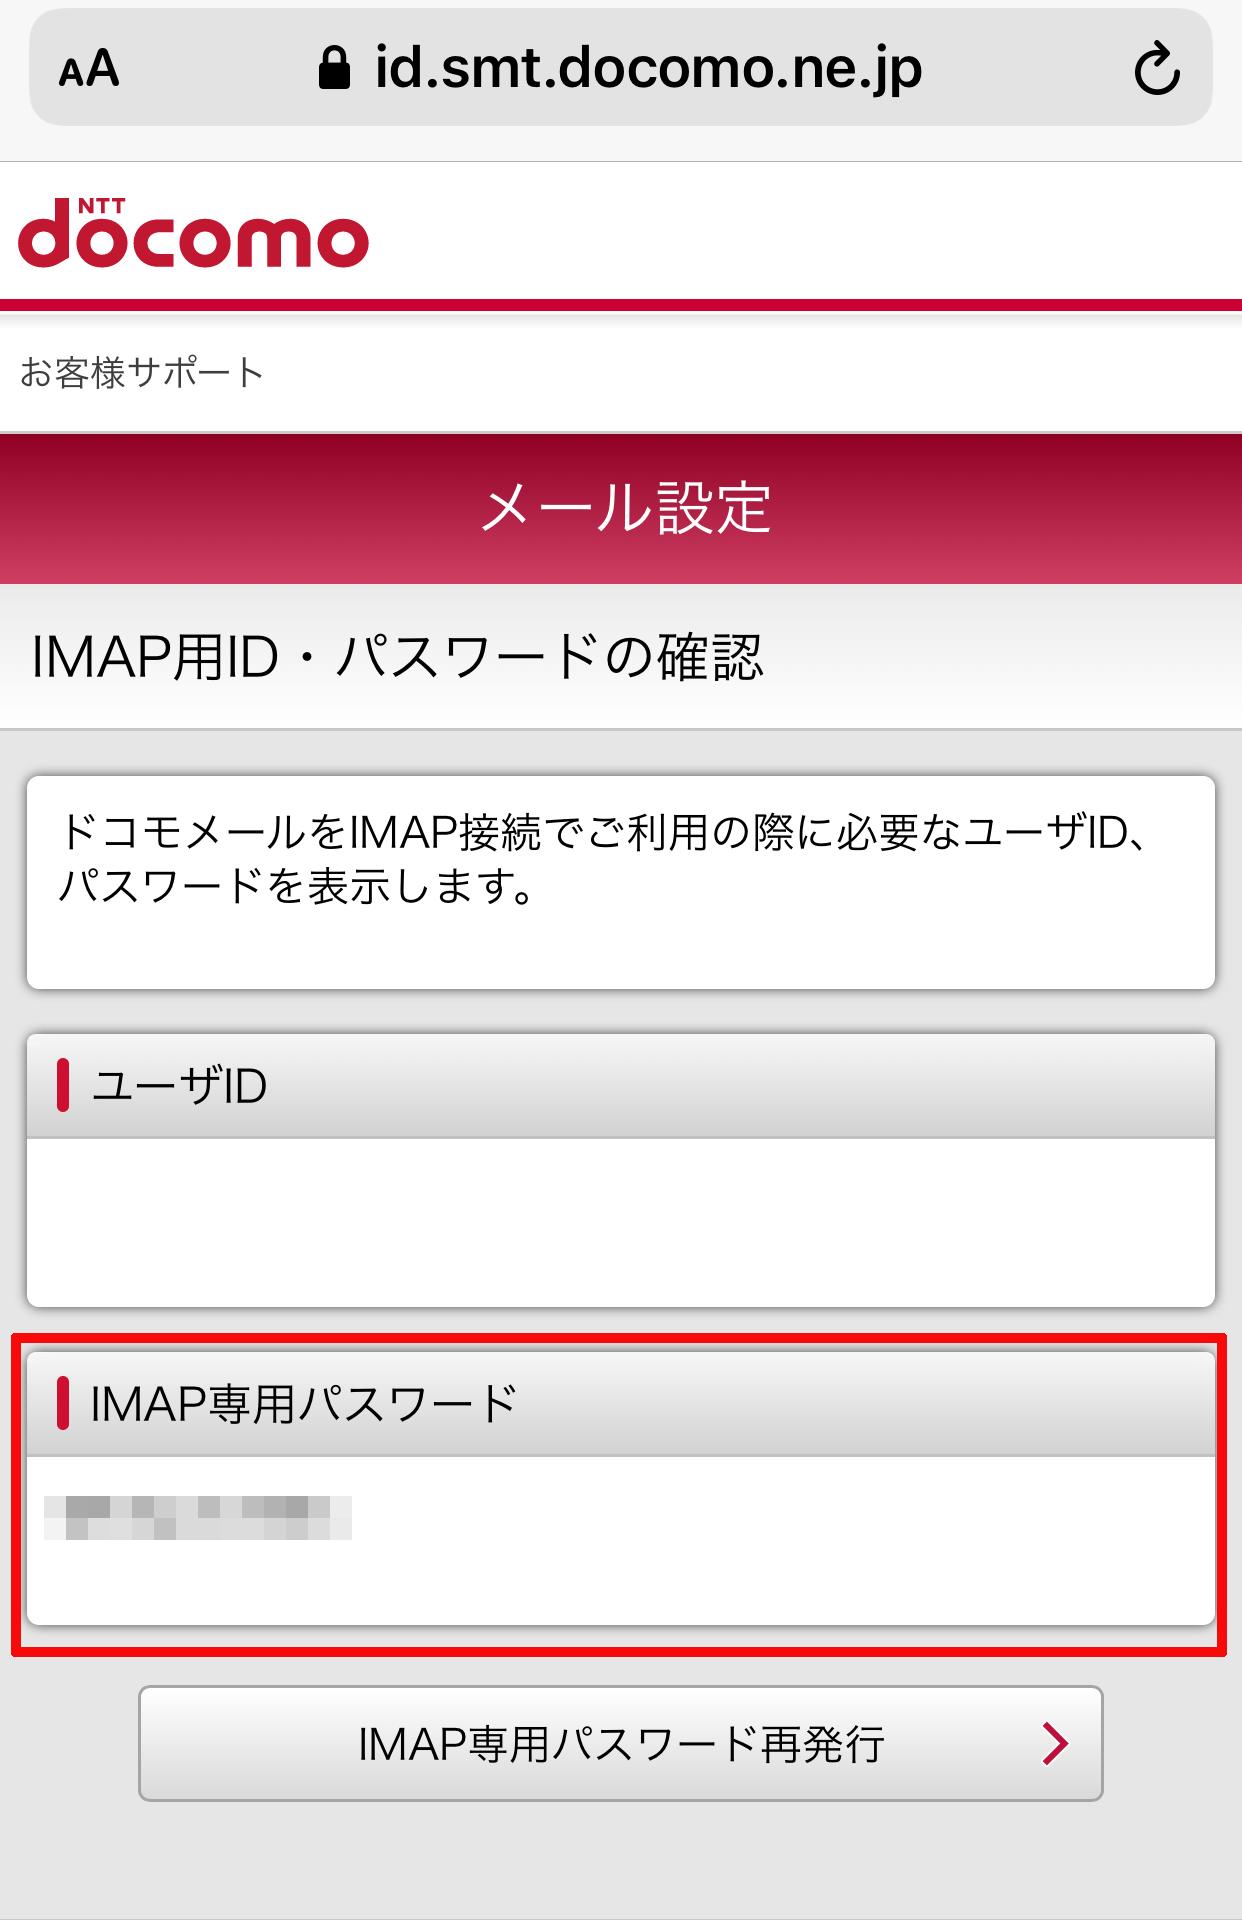 「IMAP専用パスワード」のところからご自身のIMAP専用パスワードを確認することができます。